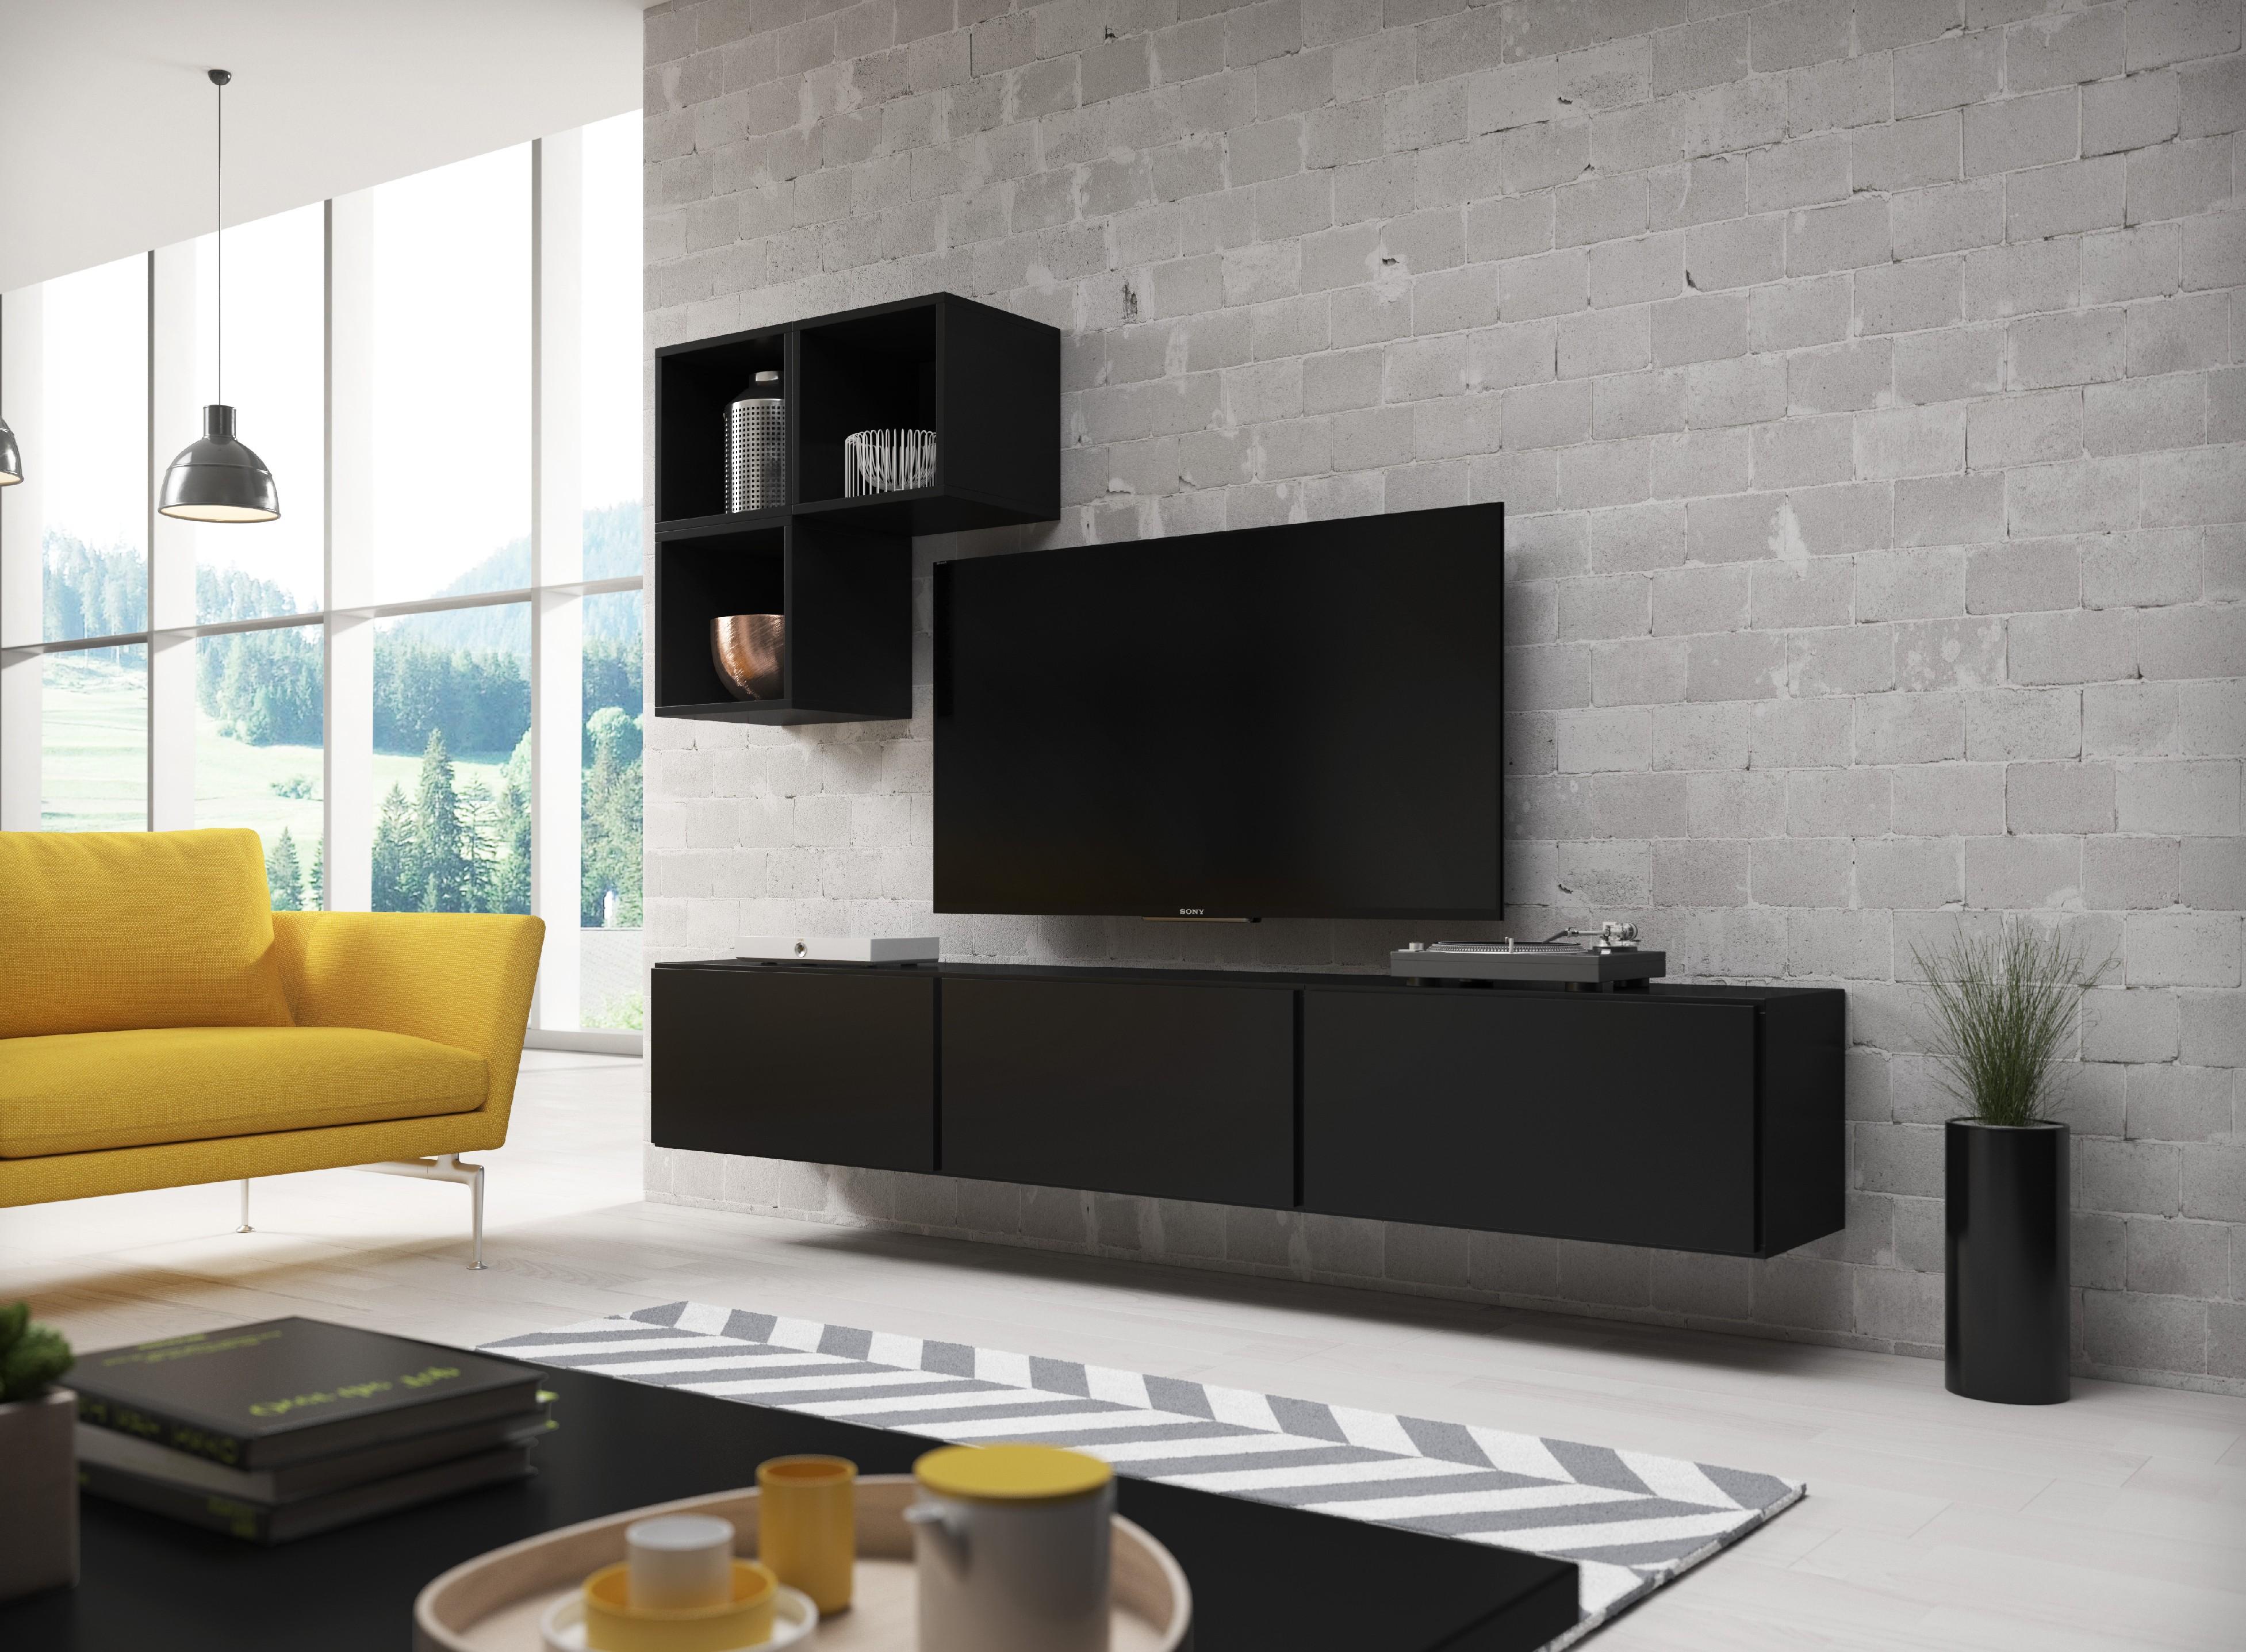 Artcam Obývacia stena ROCO 6 roco: korpus čierny mat / okraj čierny mat / dvierka čierny mat